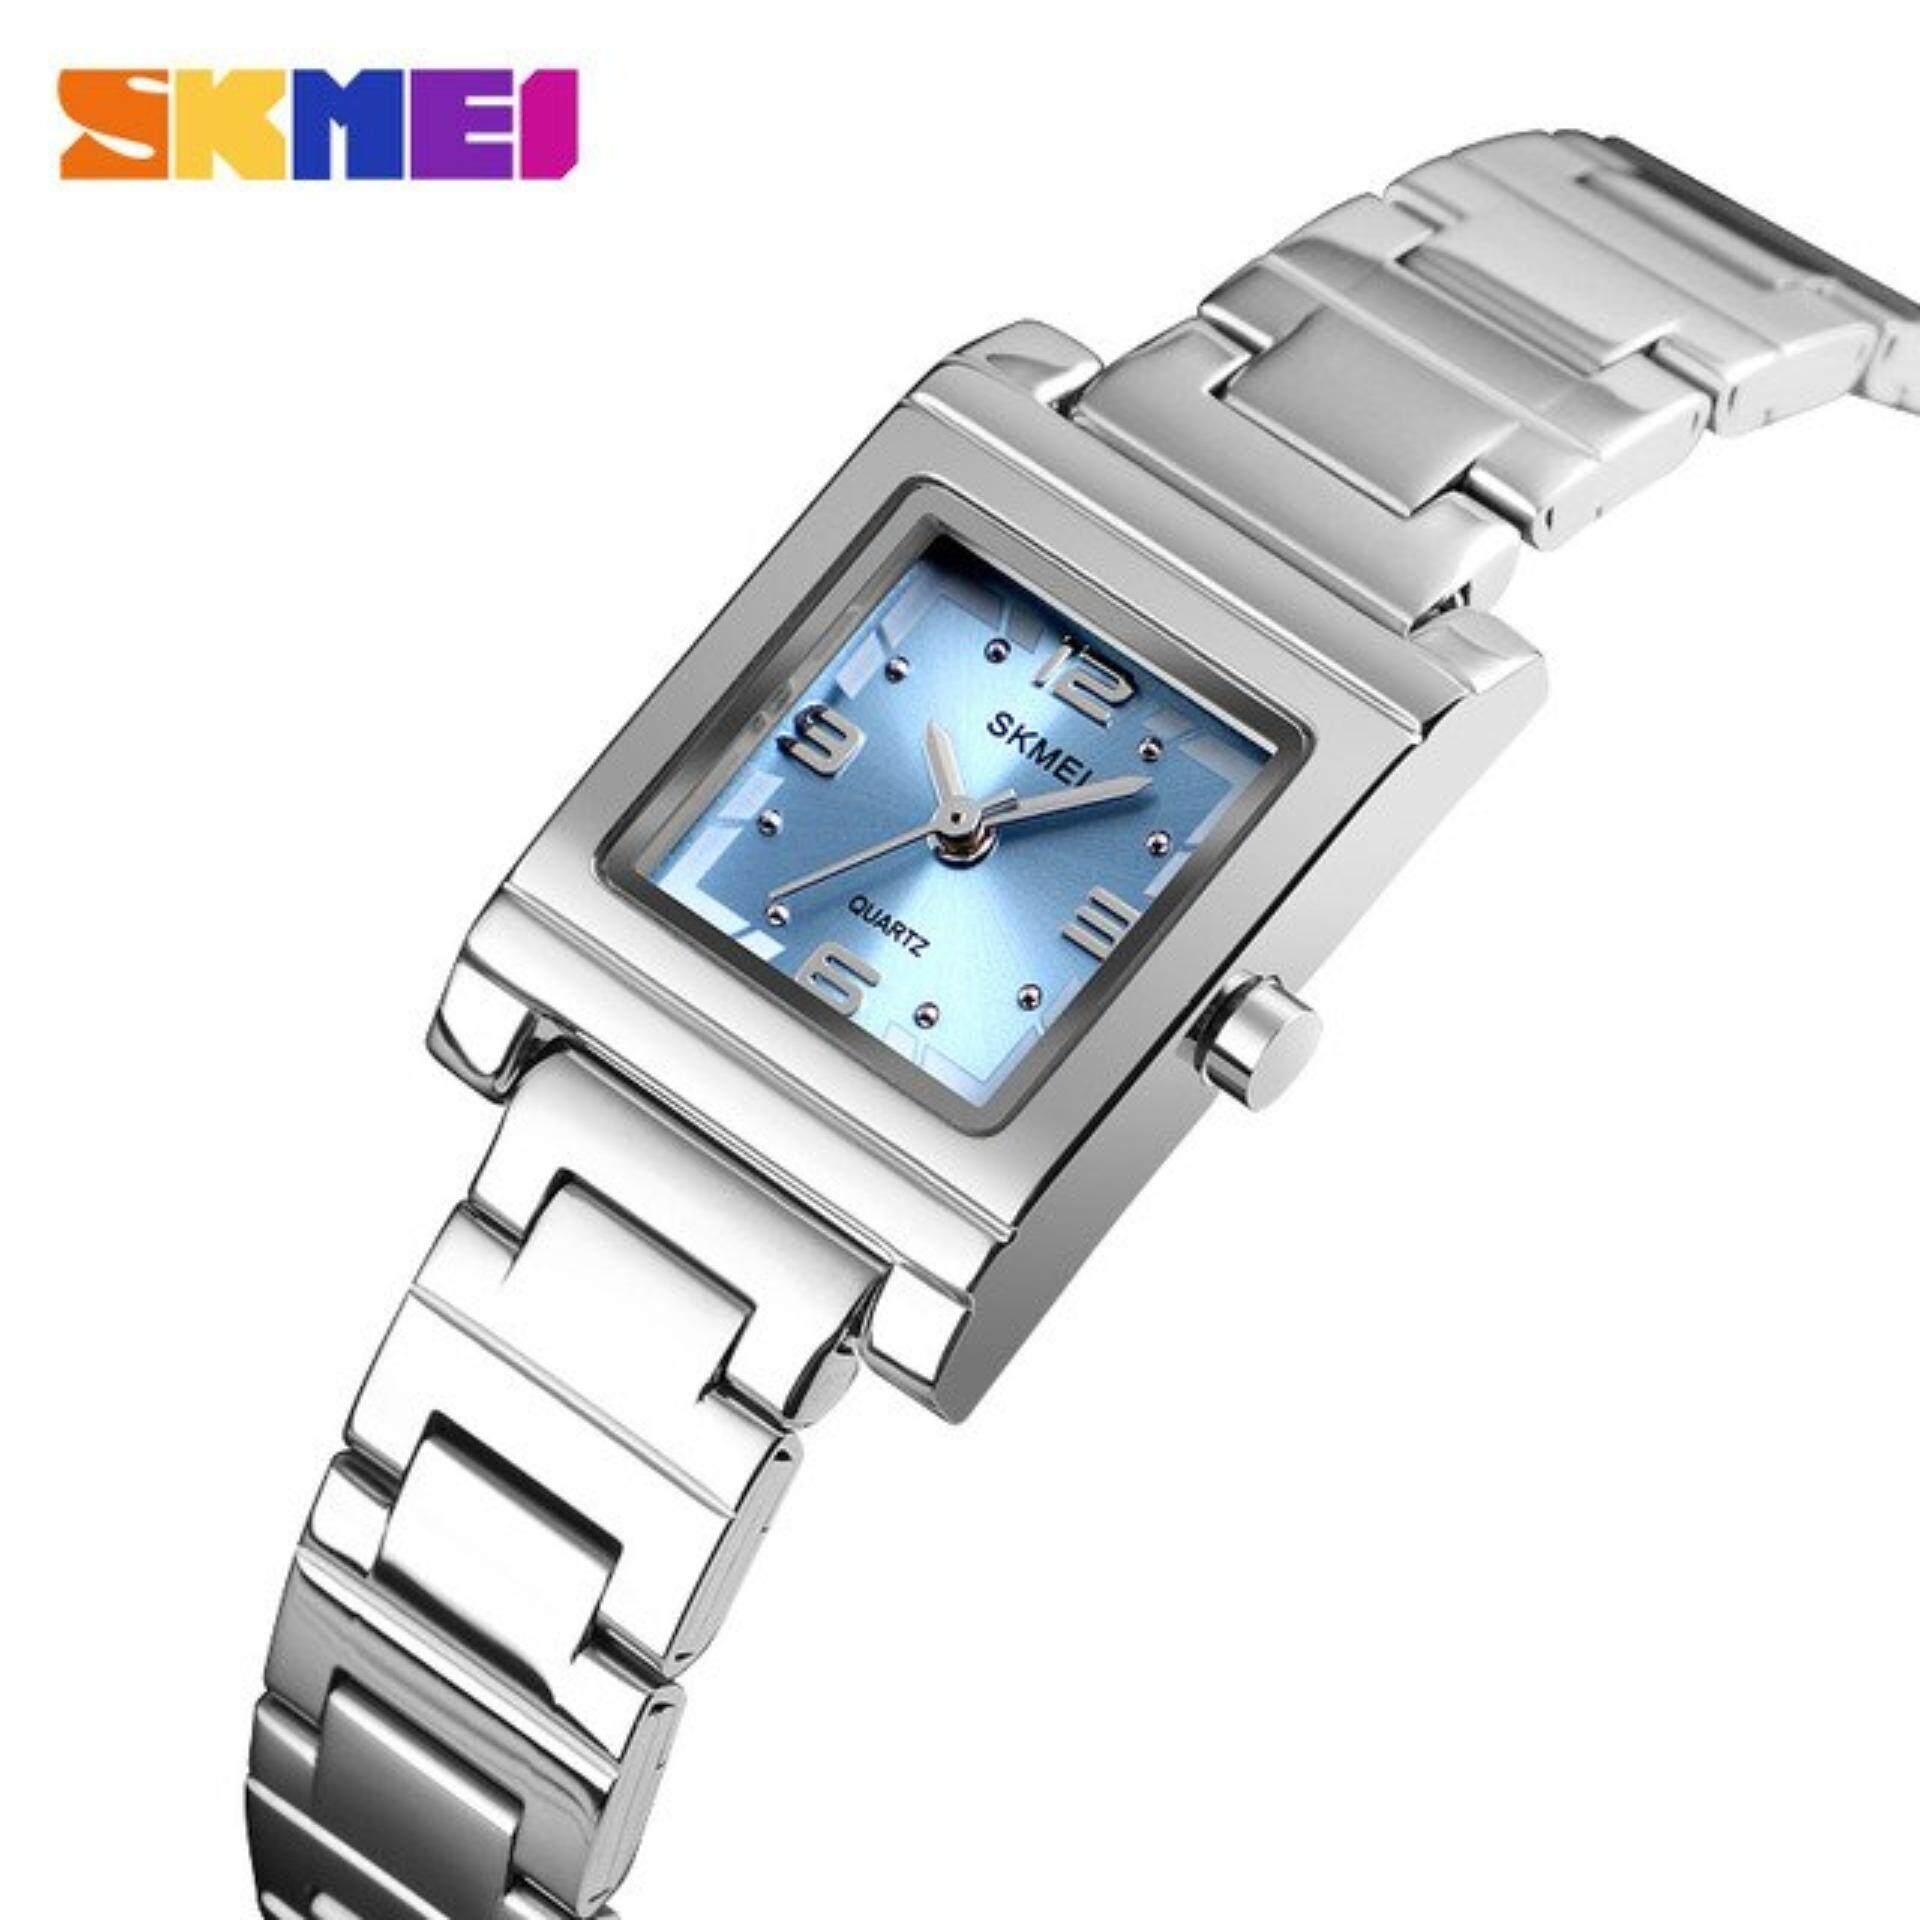 Skmei 1388 นาฬิกาข้อมือผู้หญิง ข้อมือระบบดิจิตอล แฟชั่น ราคาถูก สวยๆ สุภาพสตรี ระบบกันน้ำ ของแท้ 100% (ส่งไว 1-2 วัน) รุ่น Skmei19.